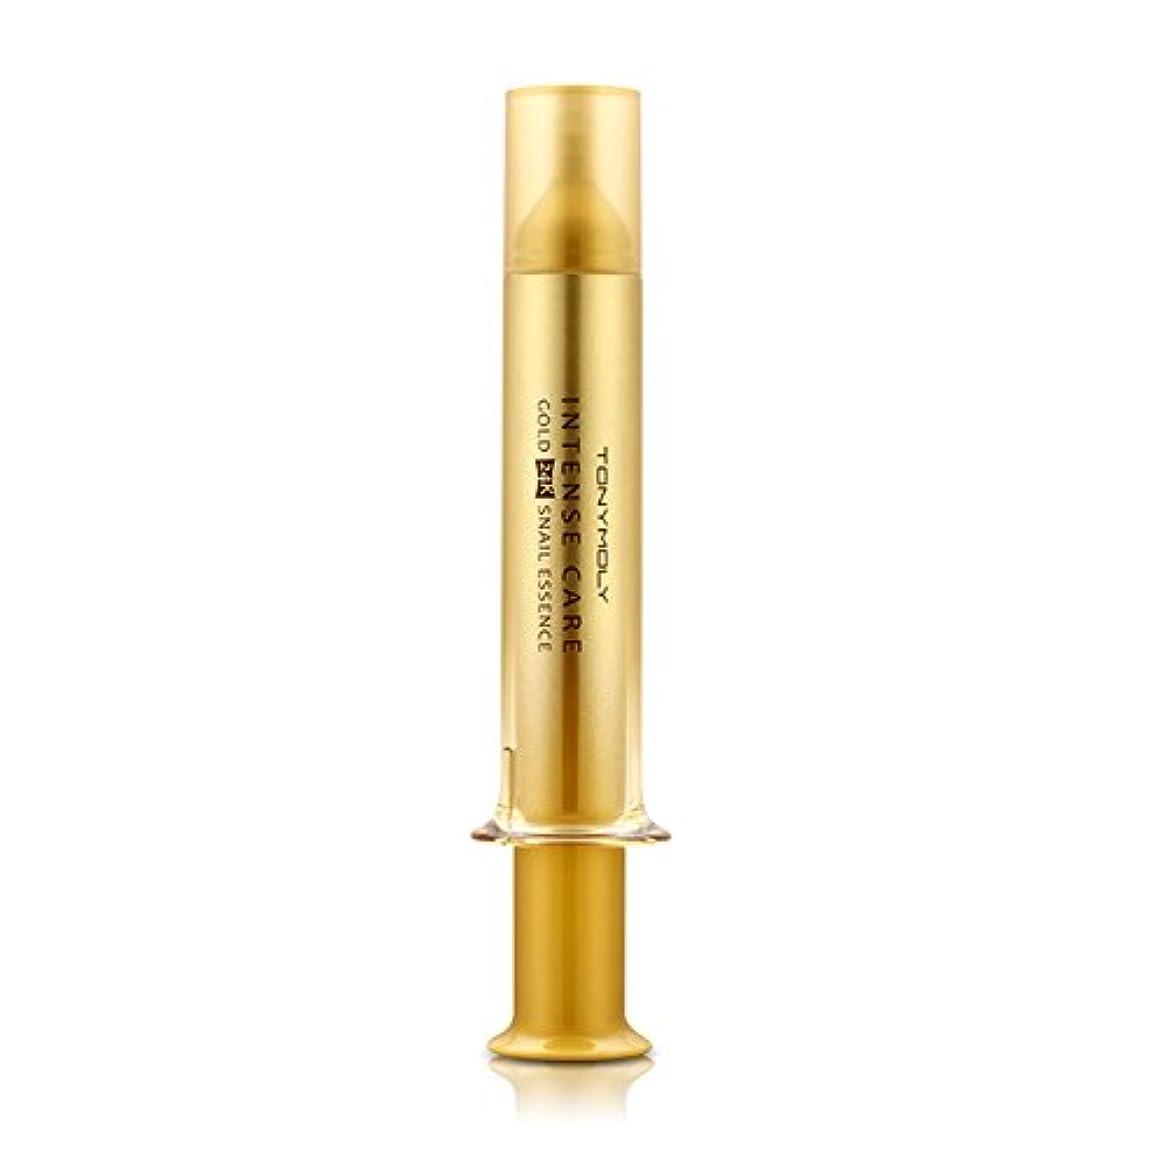 創造または郵便番号TONYMOLY INTENSE CARE Gold 24K Snail Essence 15ml